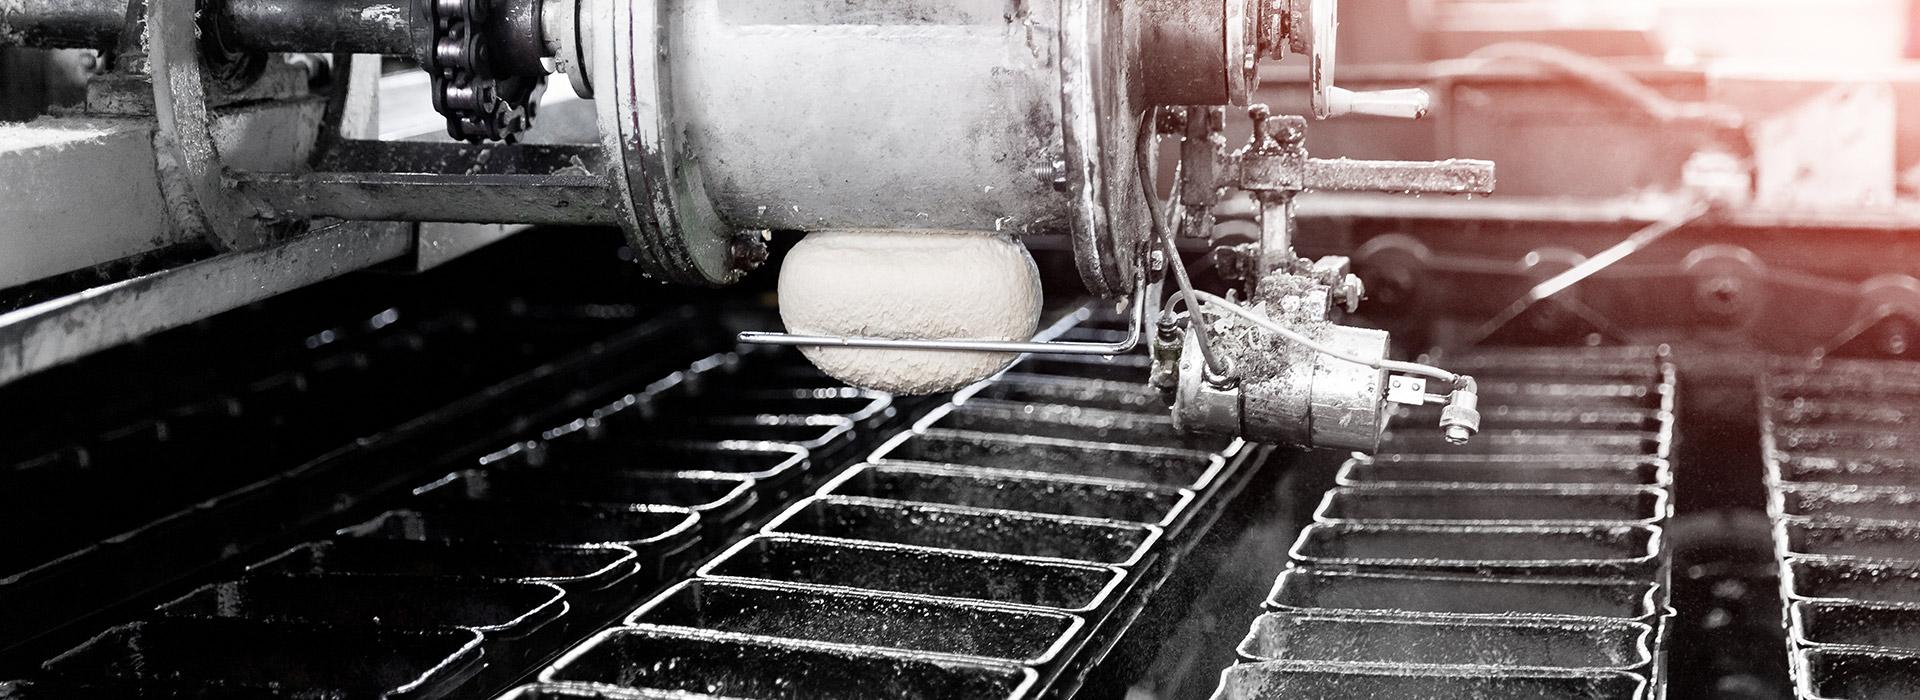 verschleissteile-fritsch-baeckereimaschinen